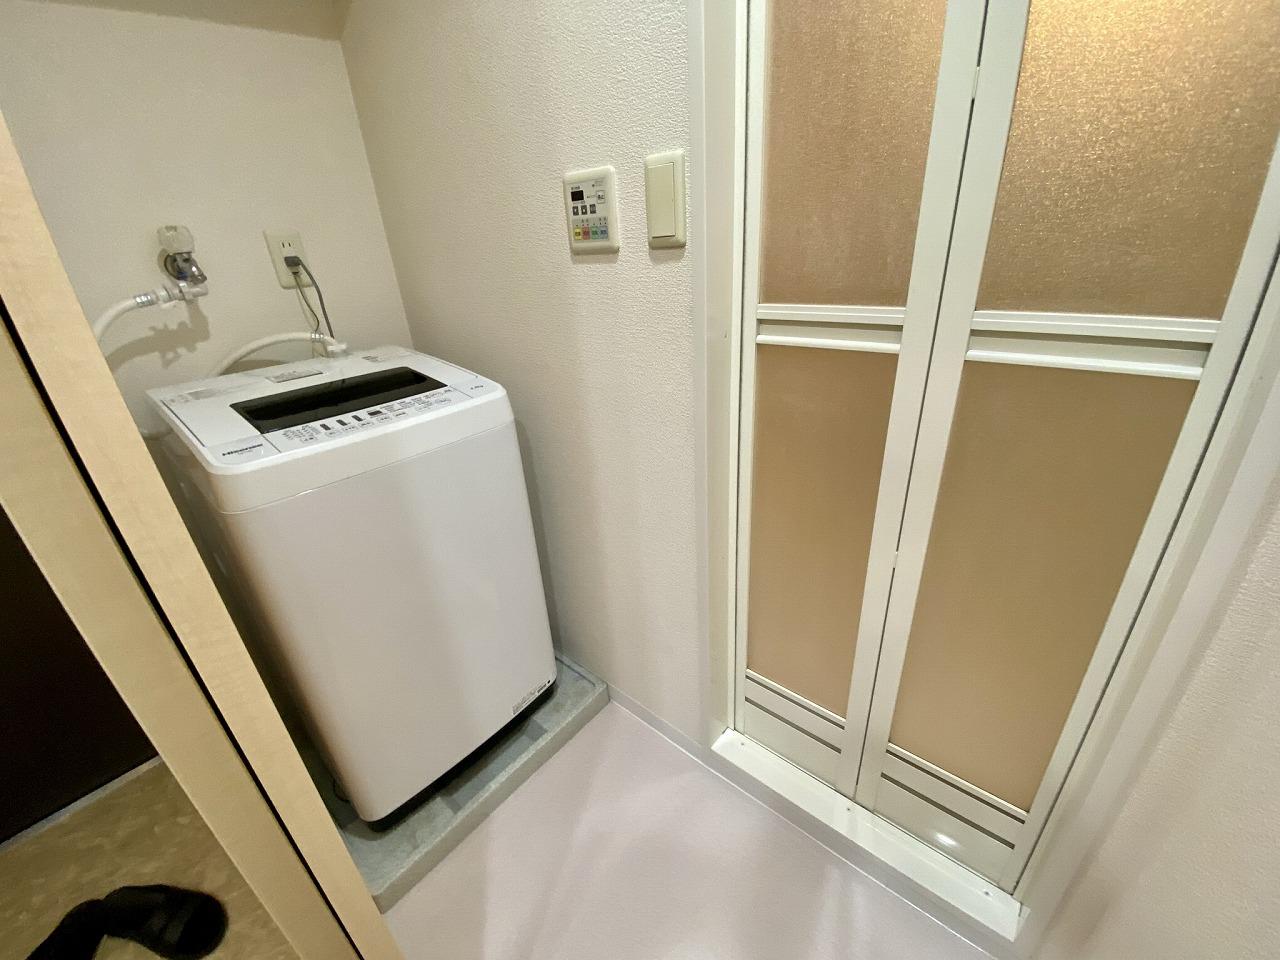 ☆Sステイ神戸ハーバーランド前2☆インターネットWi-Fi無料☆浴室暖房乾燥機・ウォシュレットなど設備充実☆ペットOK!